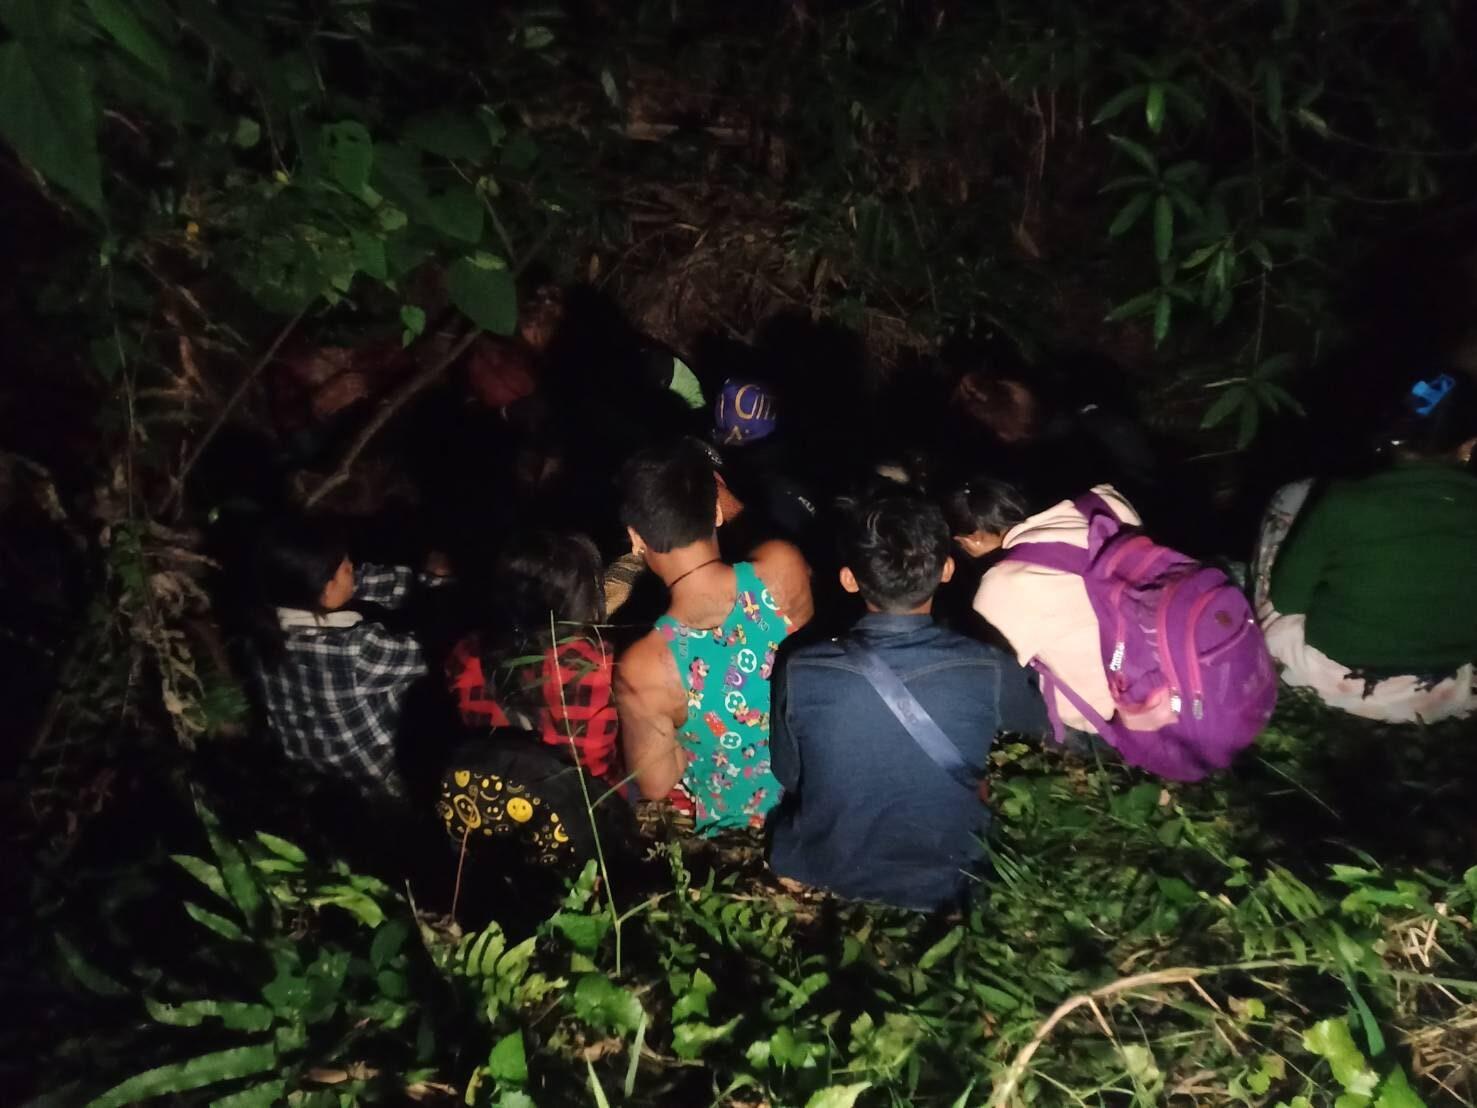 สลดใจ ต่างด้าว 33 คน ถูกทิ้งกลางป่าชายแดนสังขละบุรี อ้างนายหน้าชาติเดียวกันพาลอบเข้าไทย